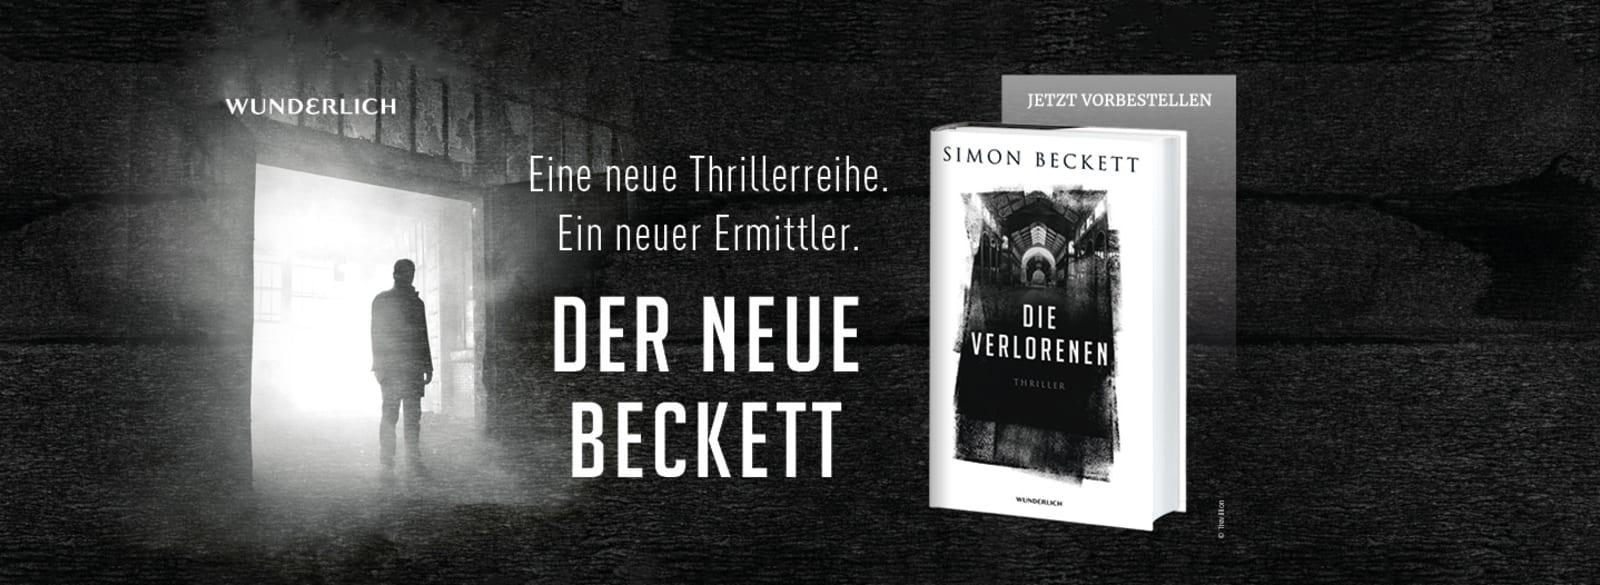 Der neue Beckett: «Die Verlorenen»